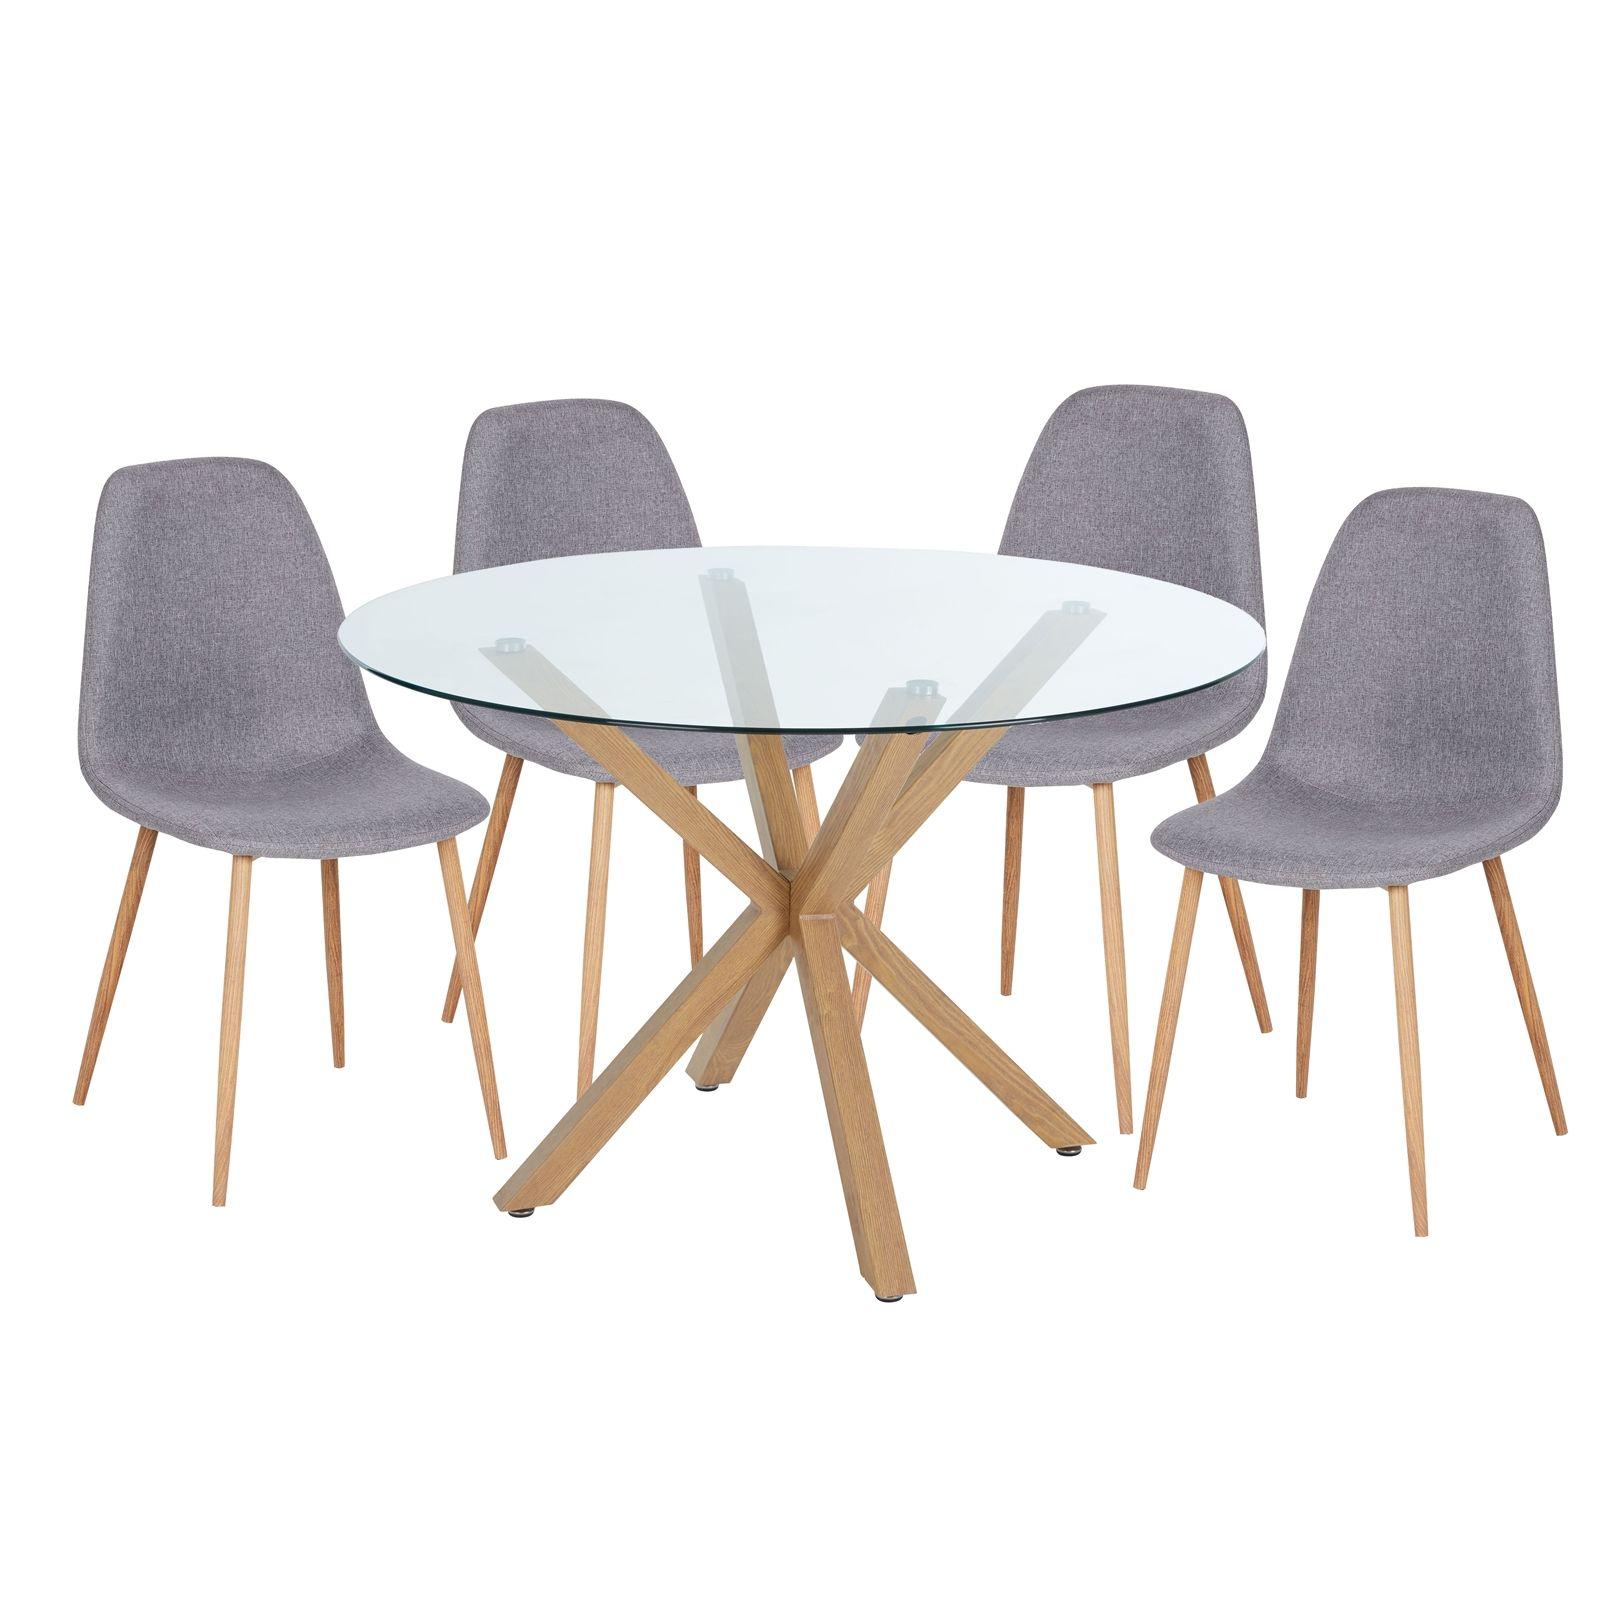 Ludlow 11 Seater Dining Set - Grey  Homebase in 11  Dining set